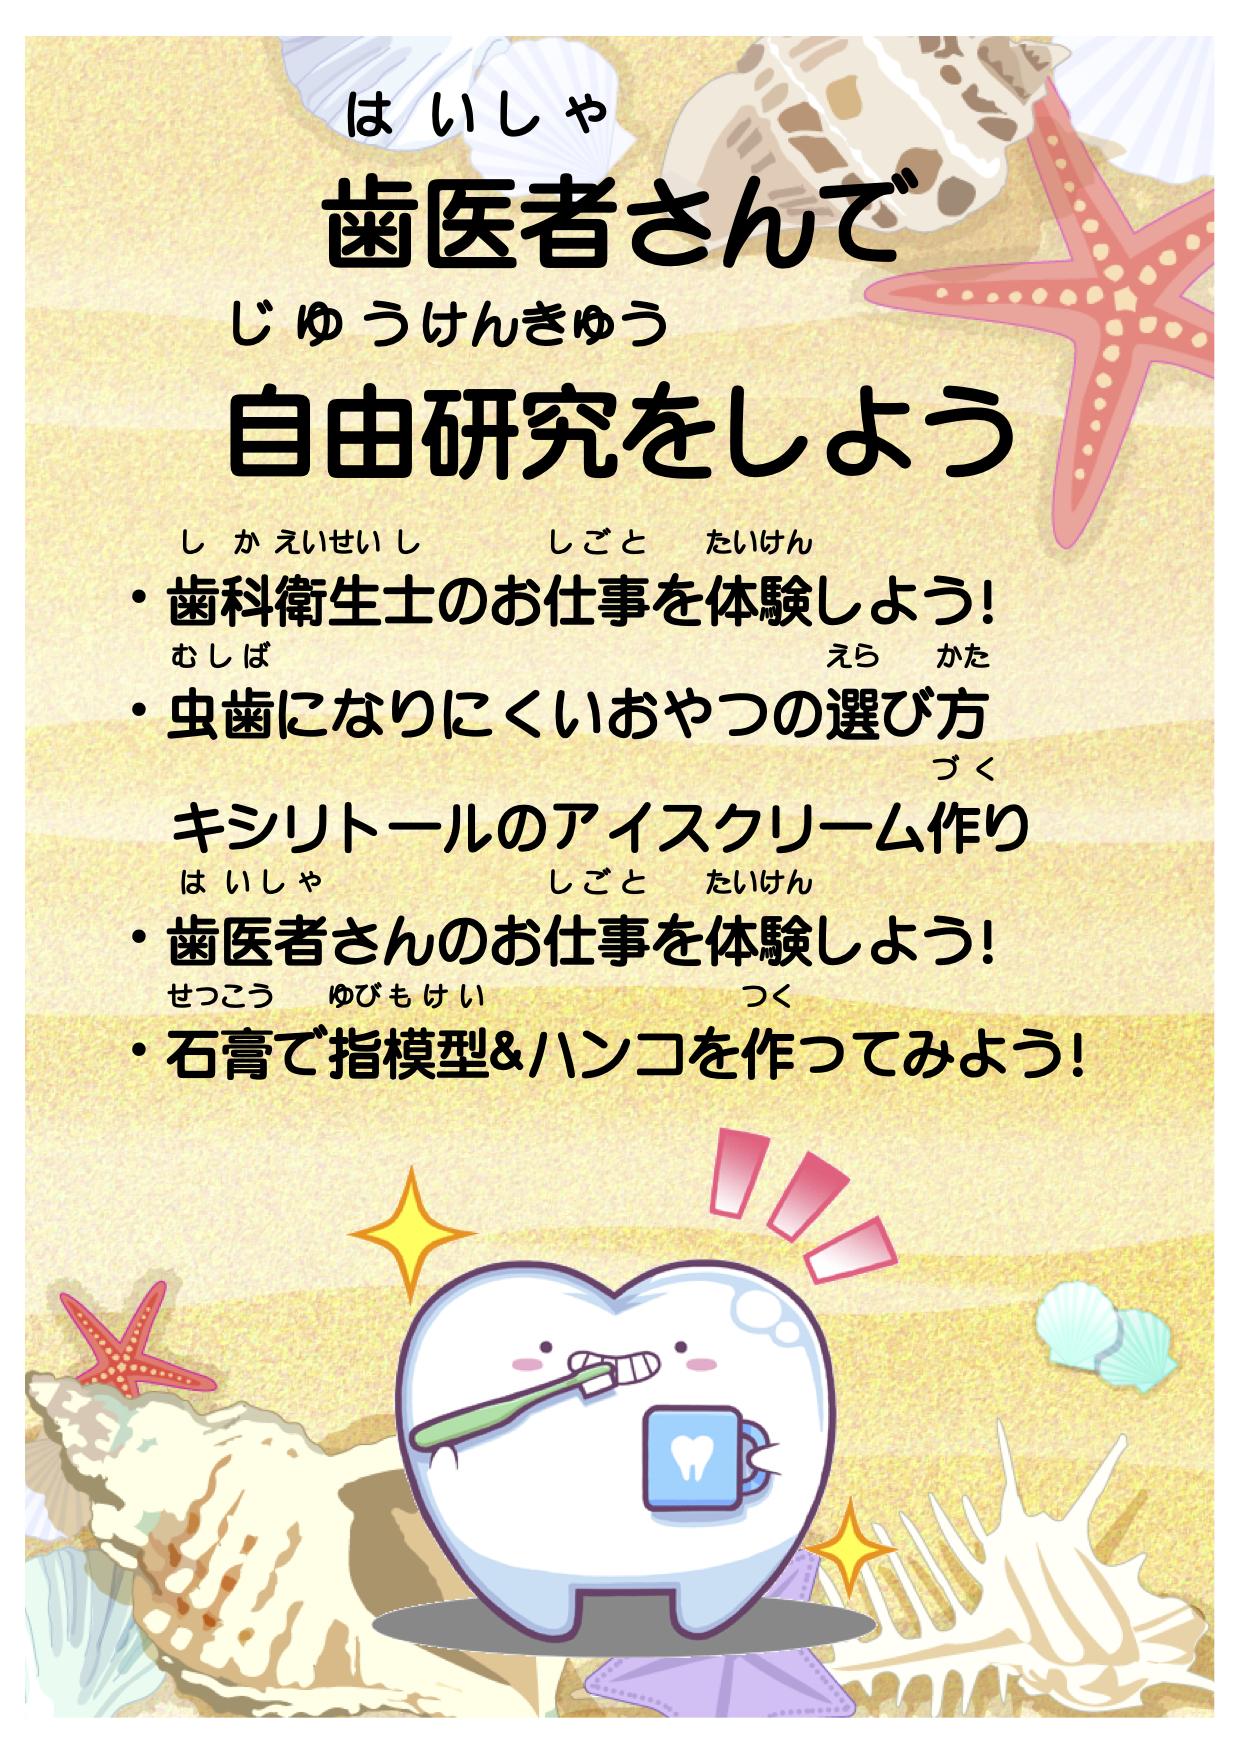 2020年夏休みイベントポスター表(栗林歯科医院)